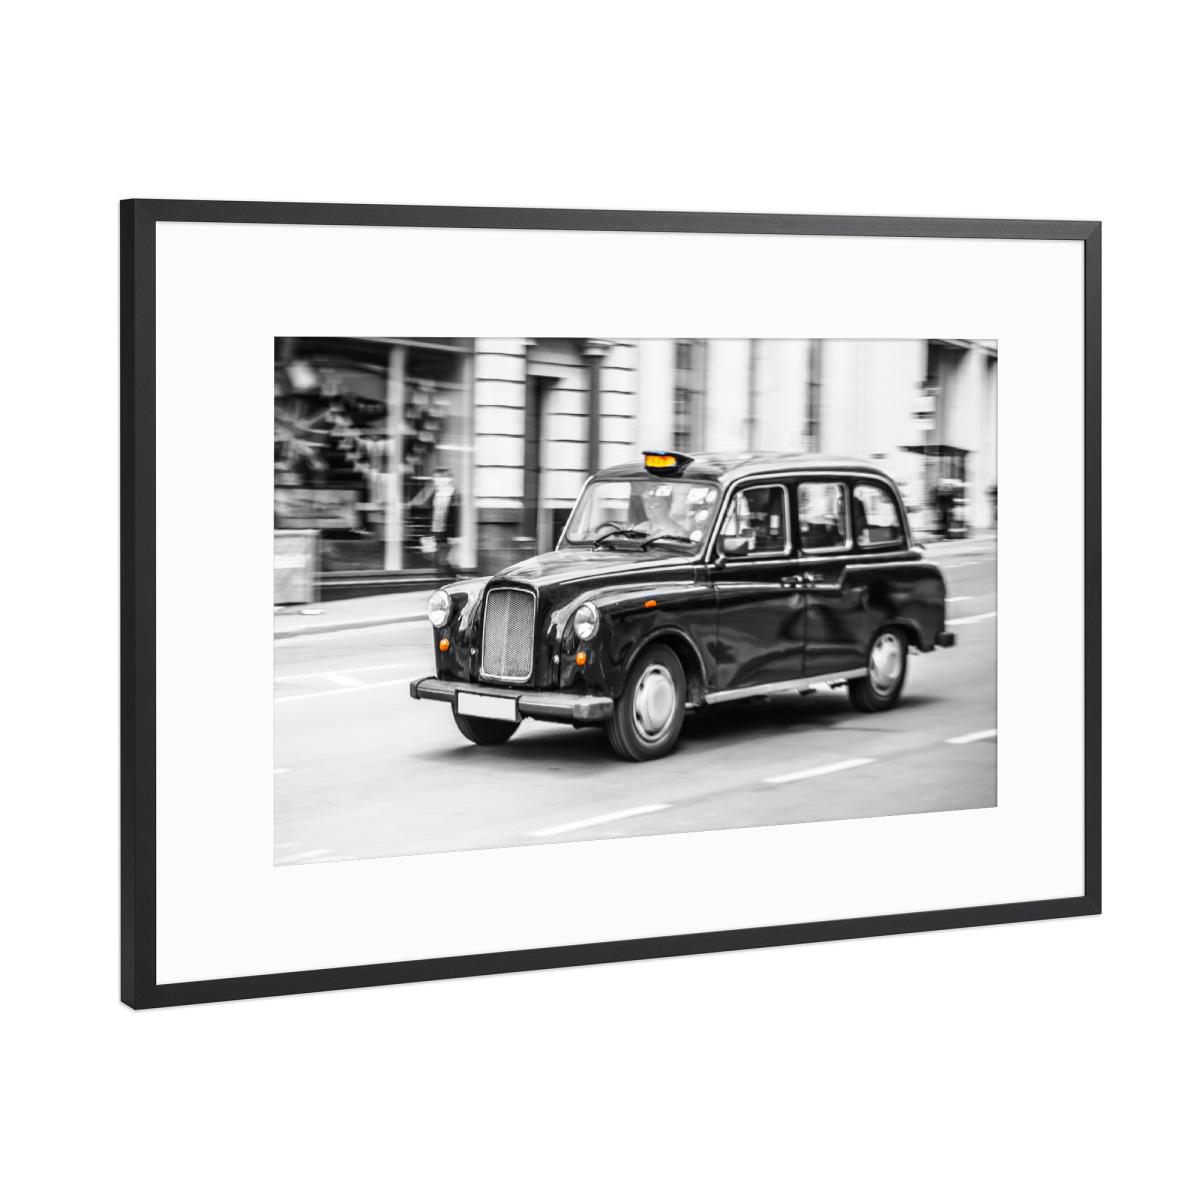 London Taxi Schwarzweiß als Gerahmt bei artboxONE kaufen